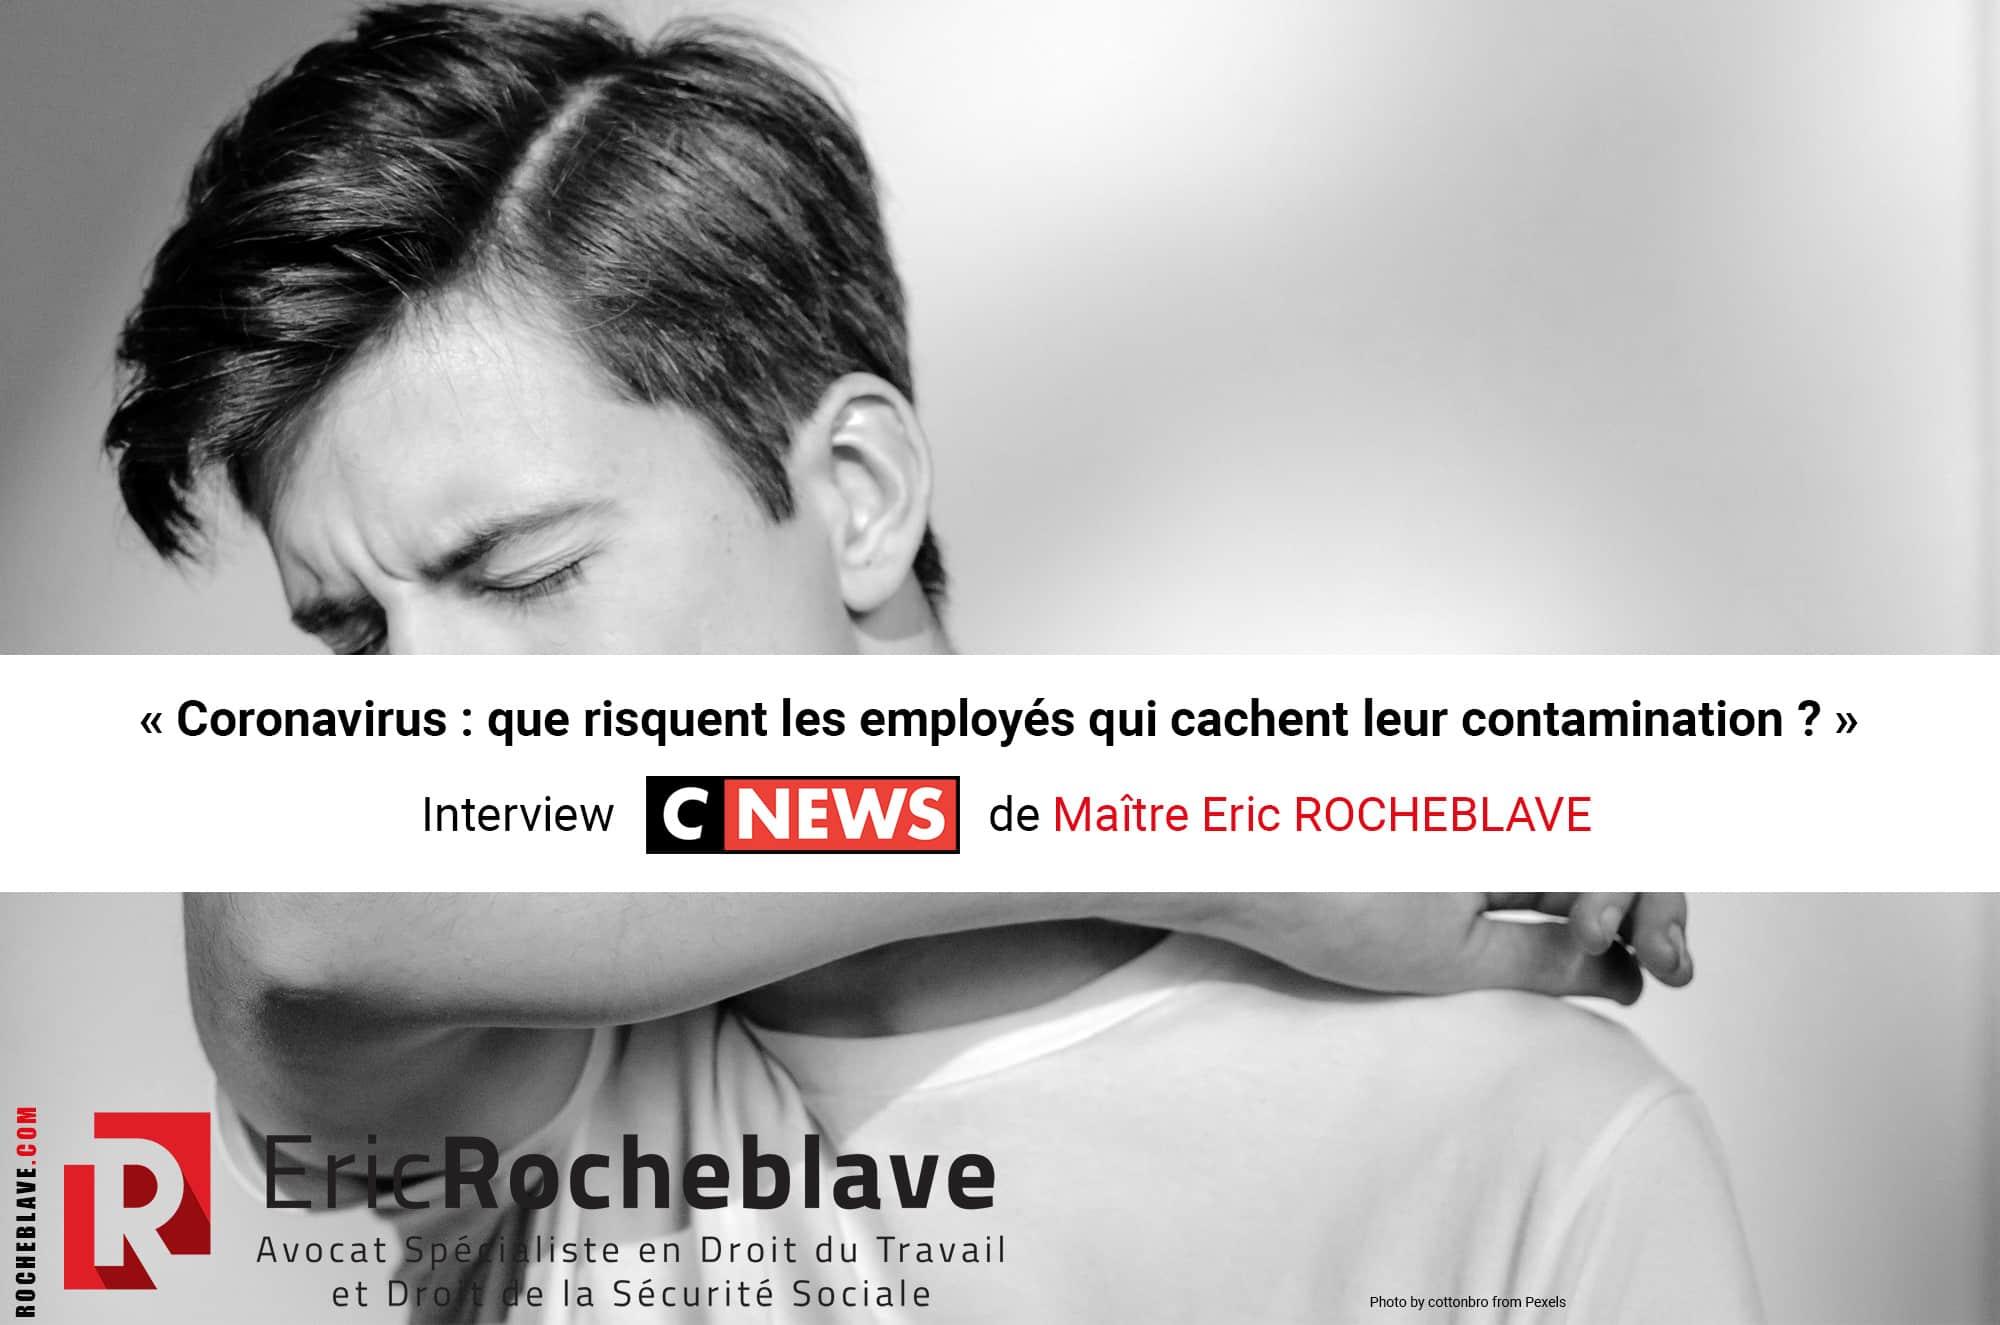 « Coronavirus : que risquent les employés qui cachent leur contamination ? » Interview CNEWS de Maître Eric ROCHEBLAVE